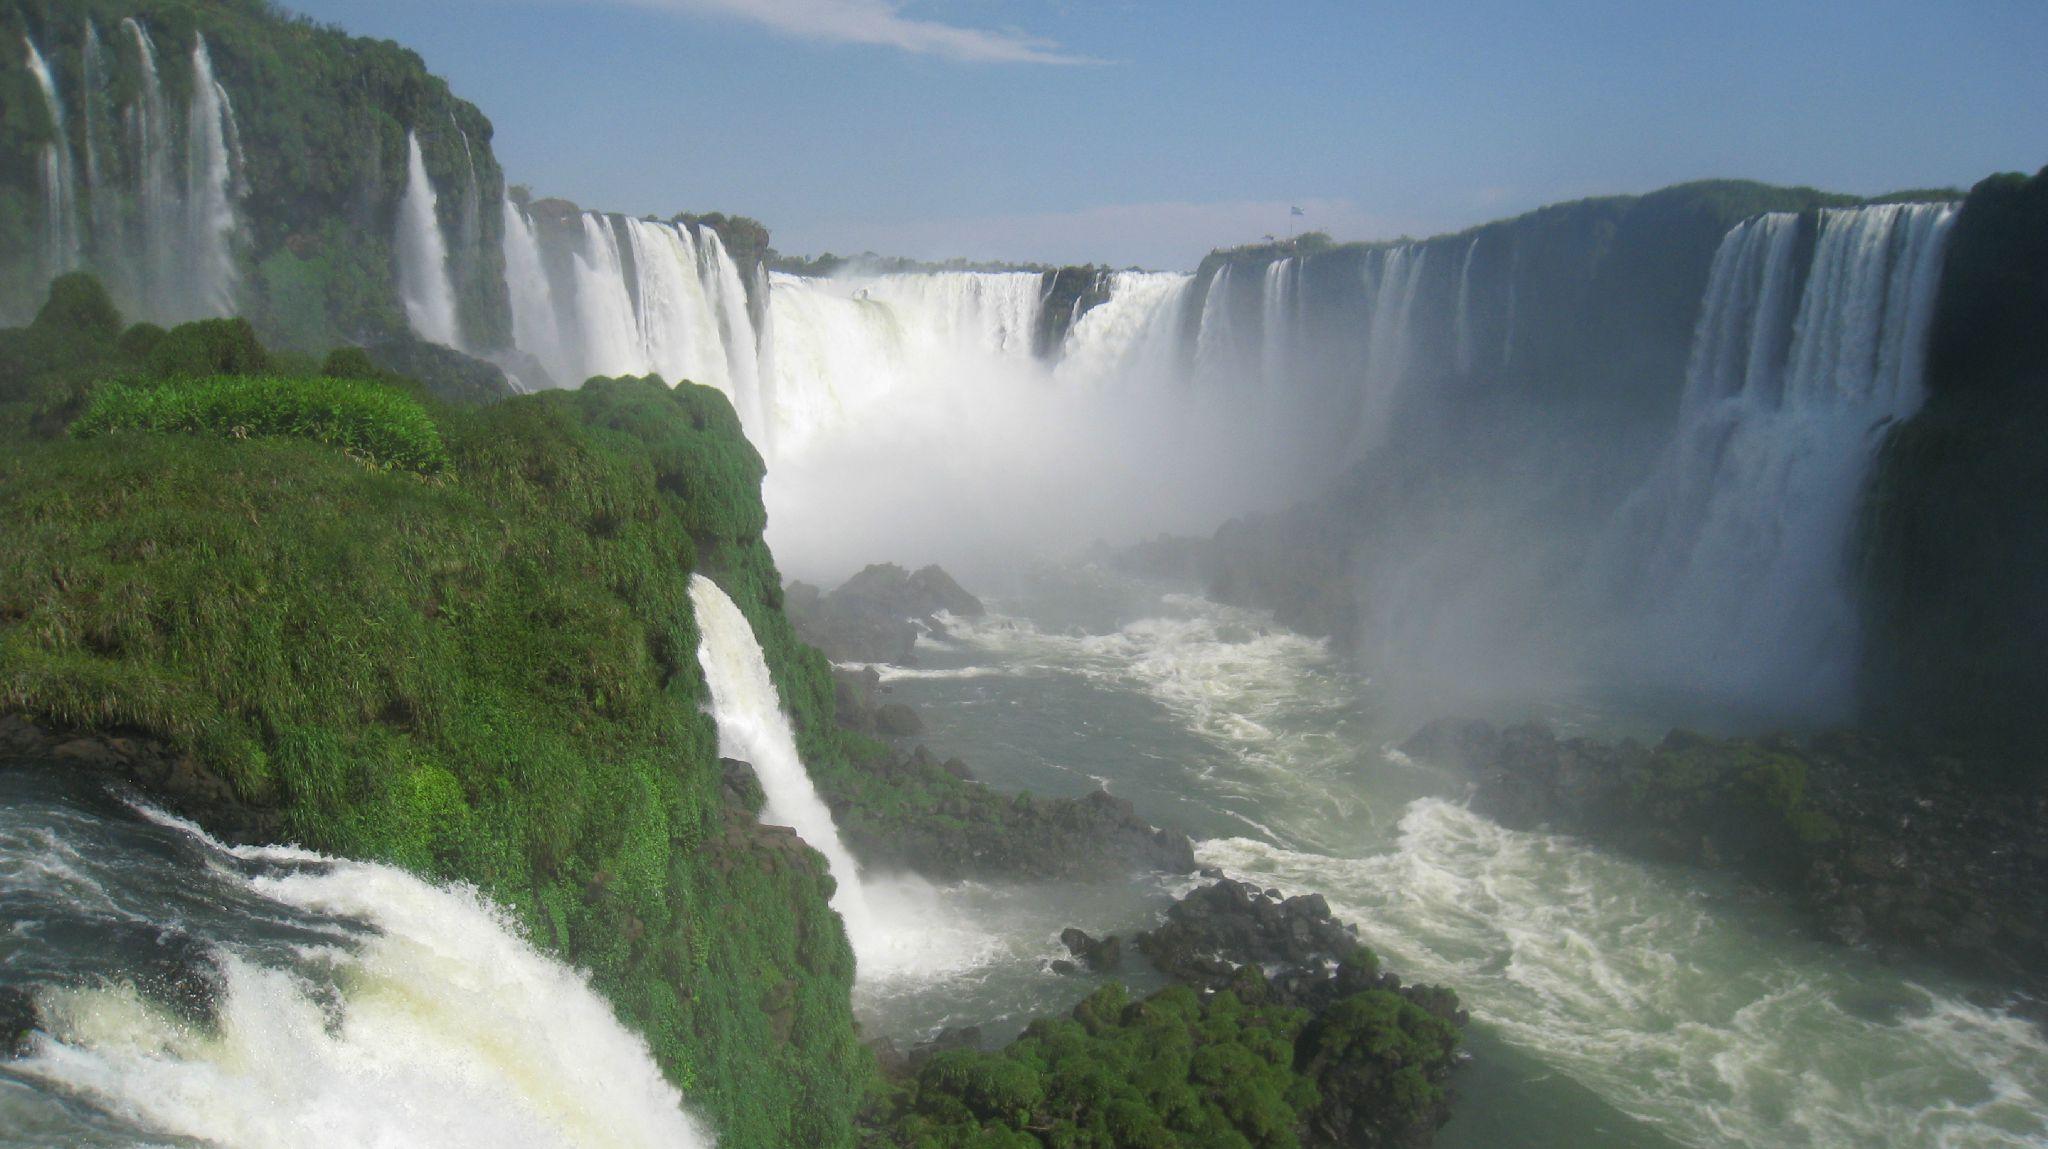 Iguazul Falls Wallpaper Chutes D Iguaz 250